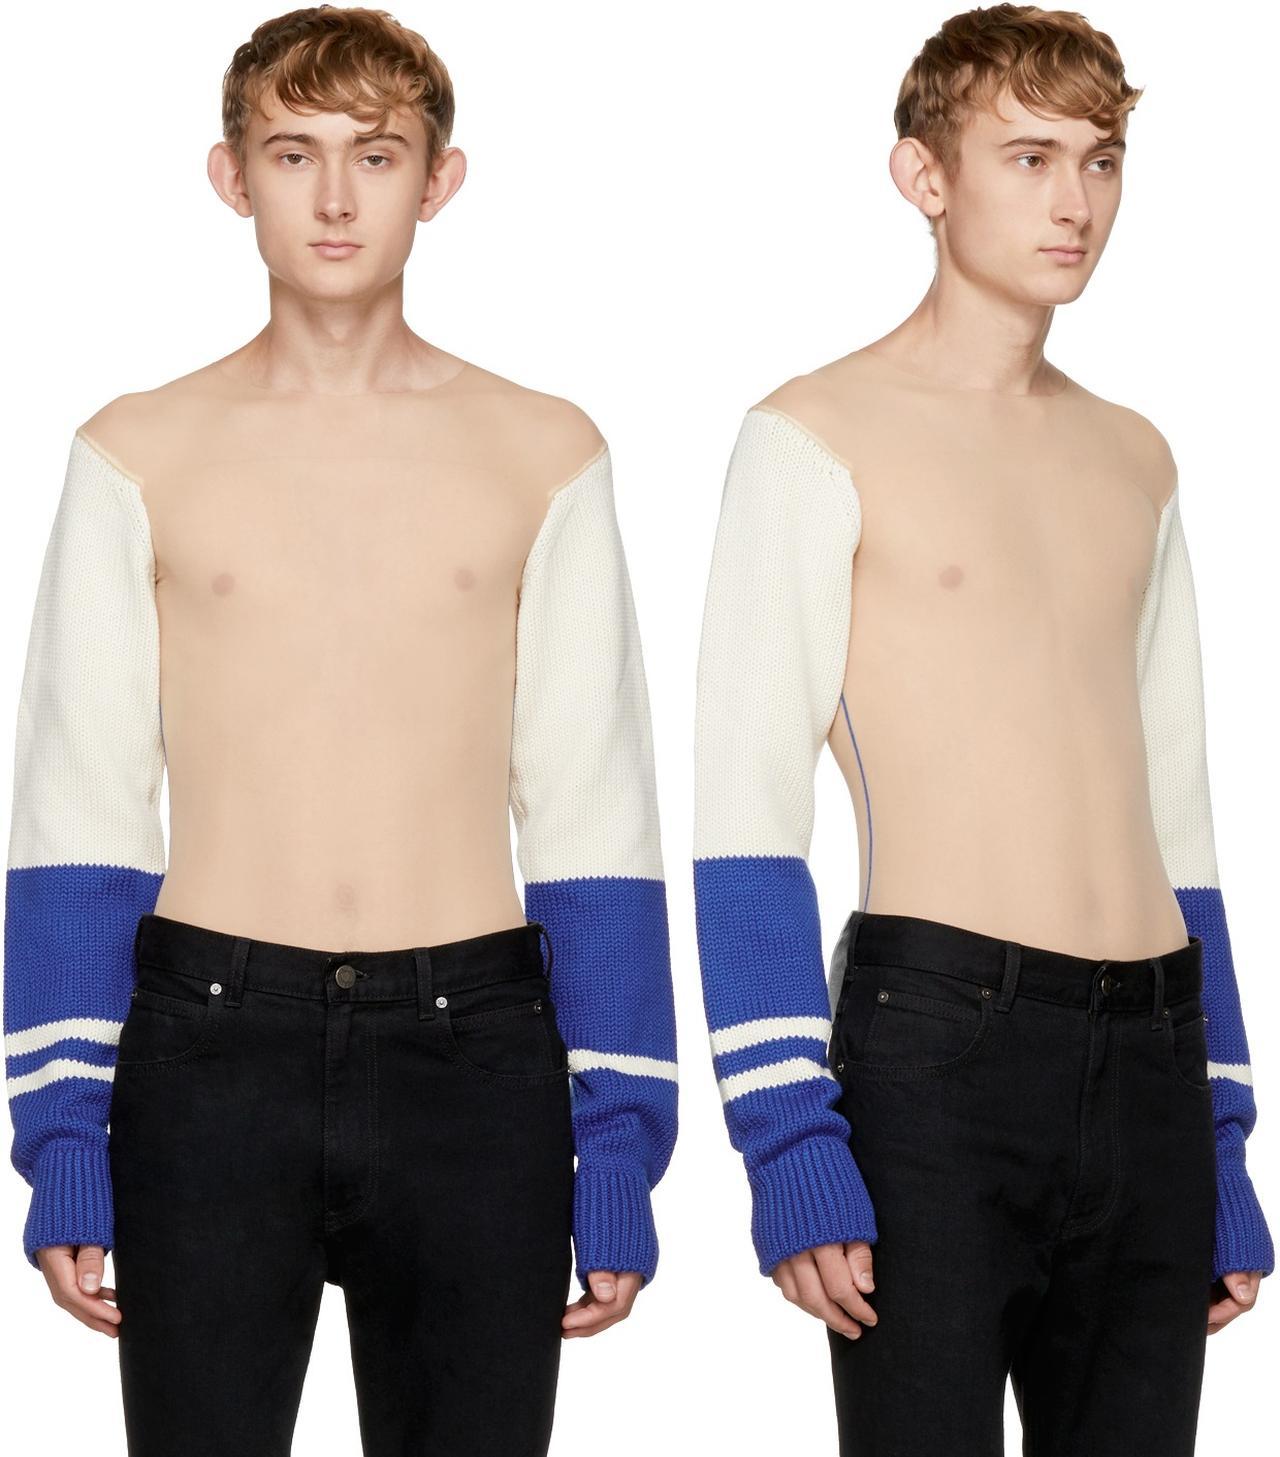 画像1: 乳首丸見え!上半身完全シースルーの23万円セーターが完売